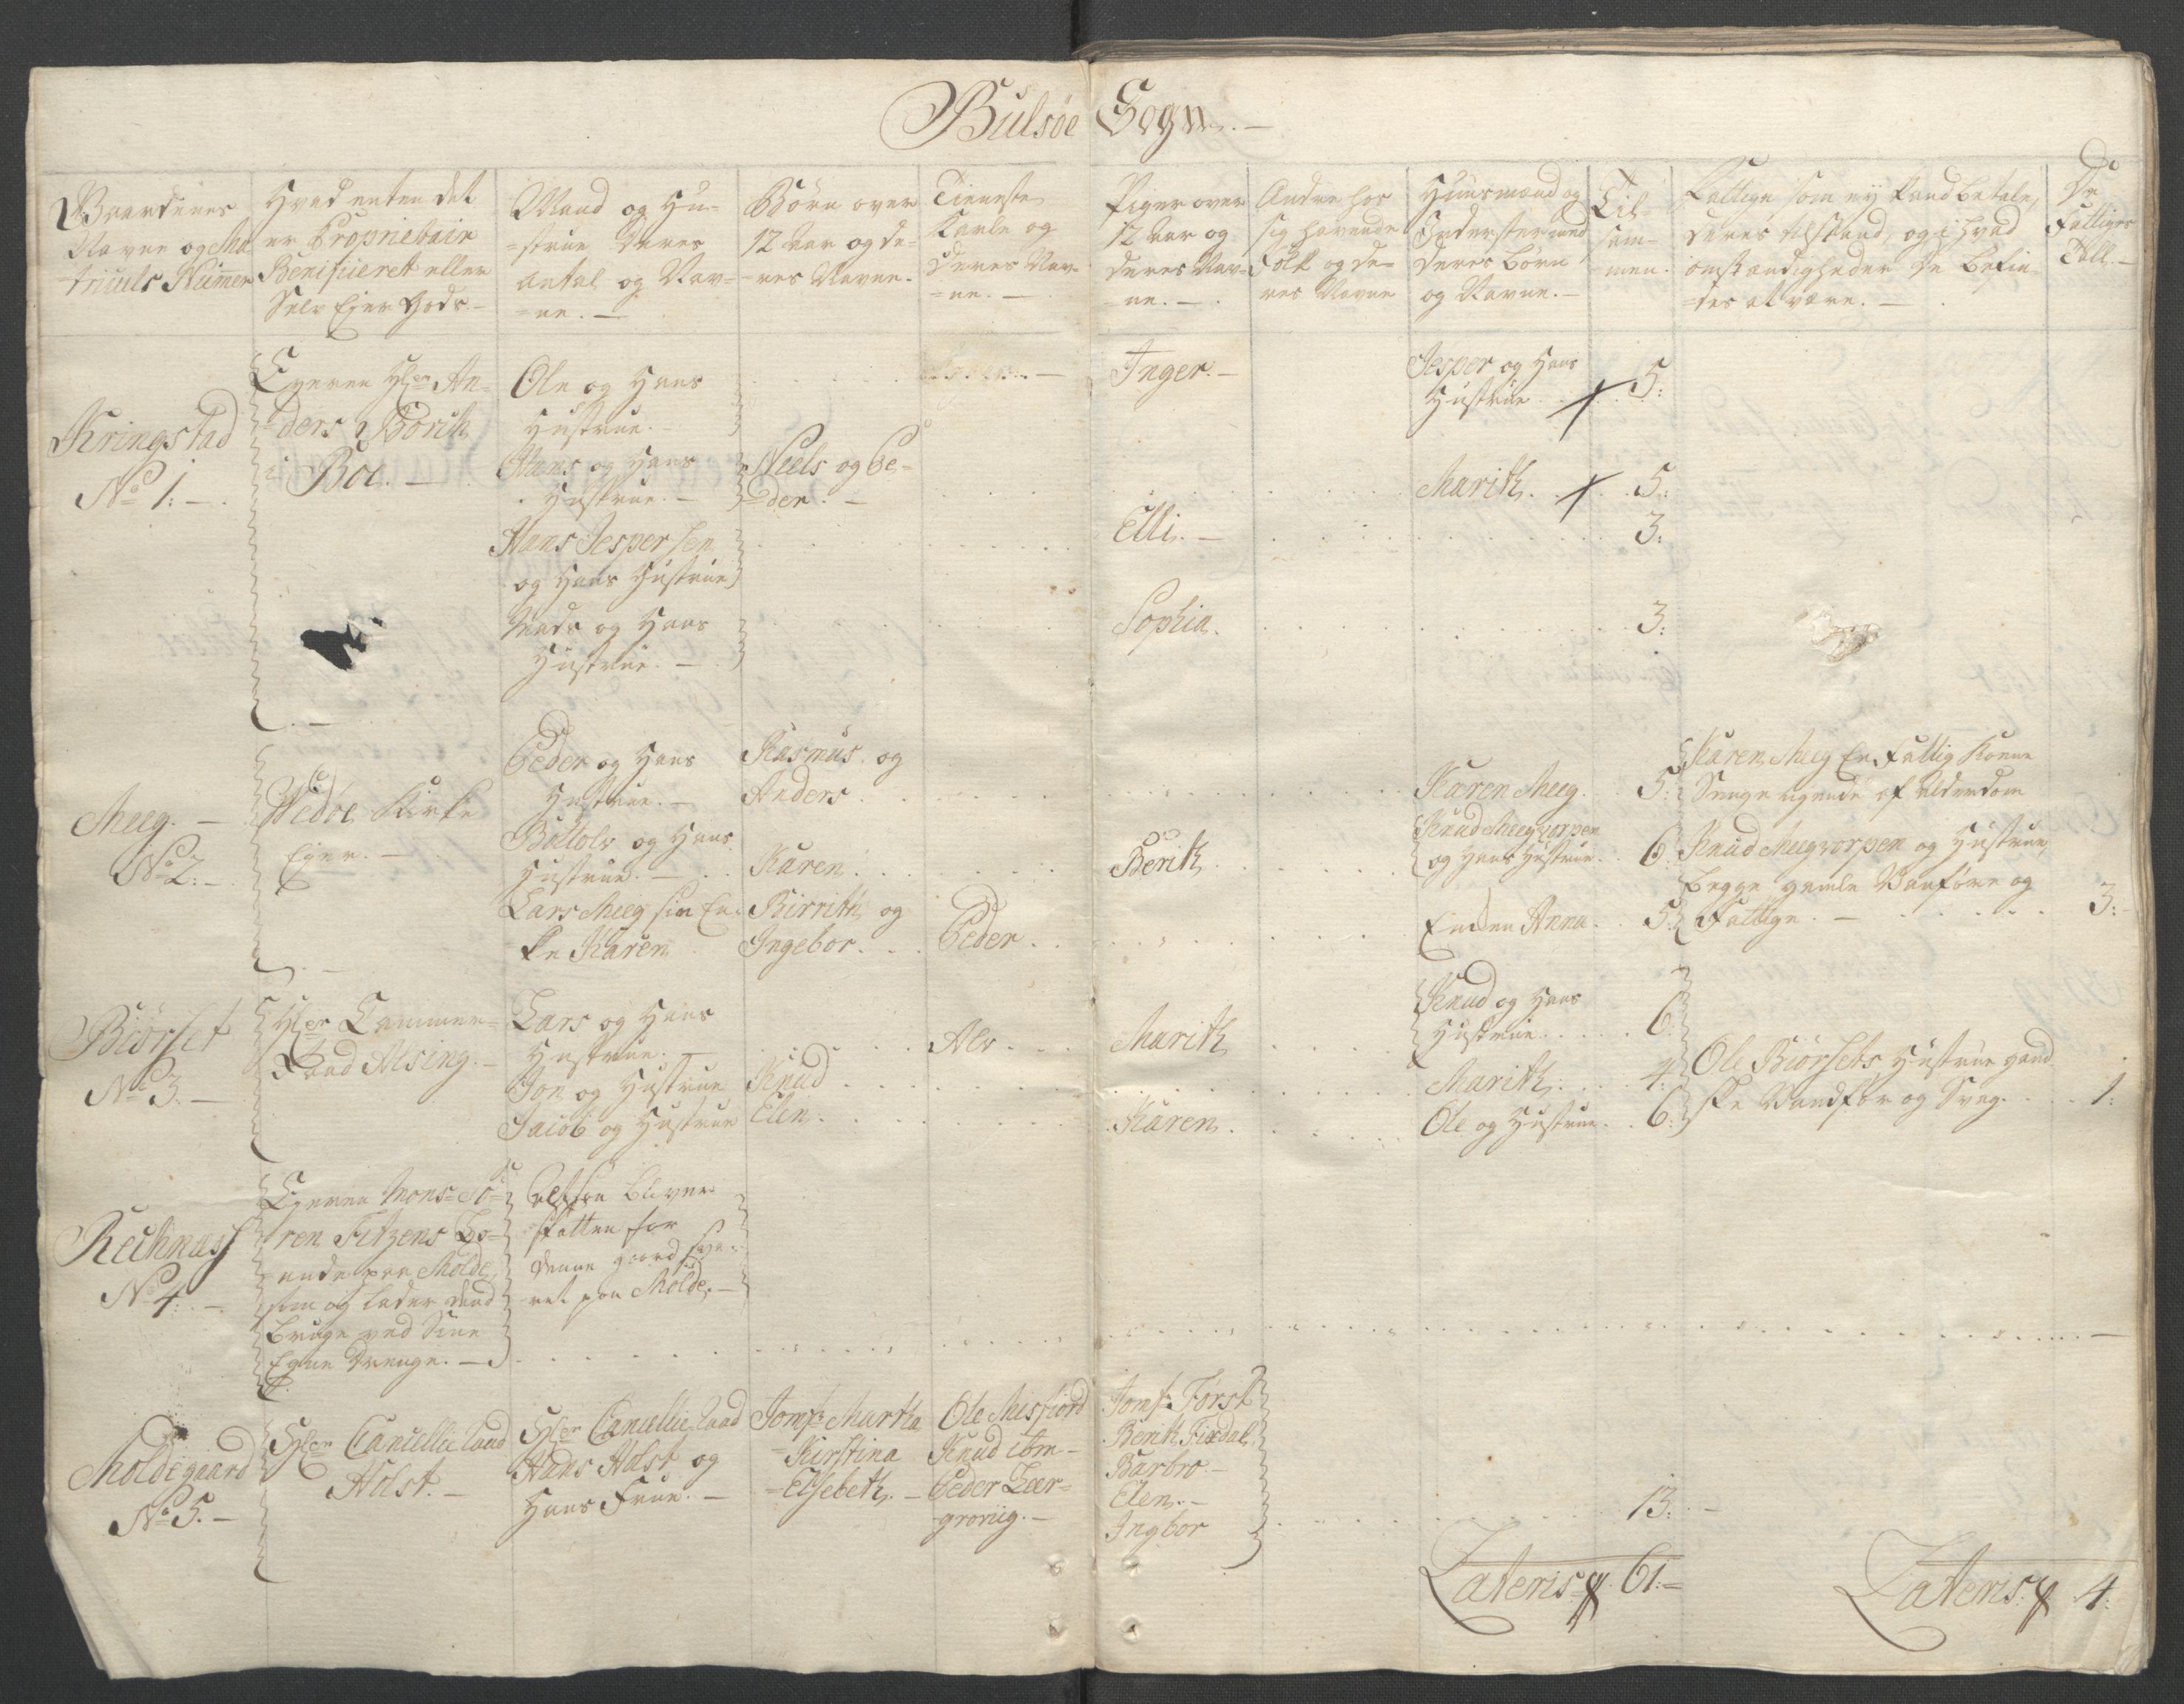 RA, Rentekammeret inntil 1814, Reviderte regnskaper, Fogderegnskap, R55/L3730: Ekstraskatten Romsdal, 1762-1763, s. 13